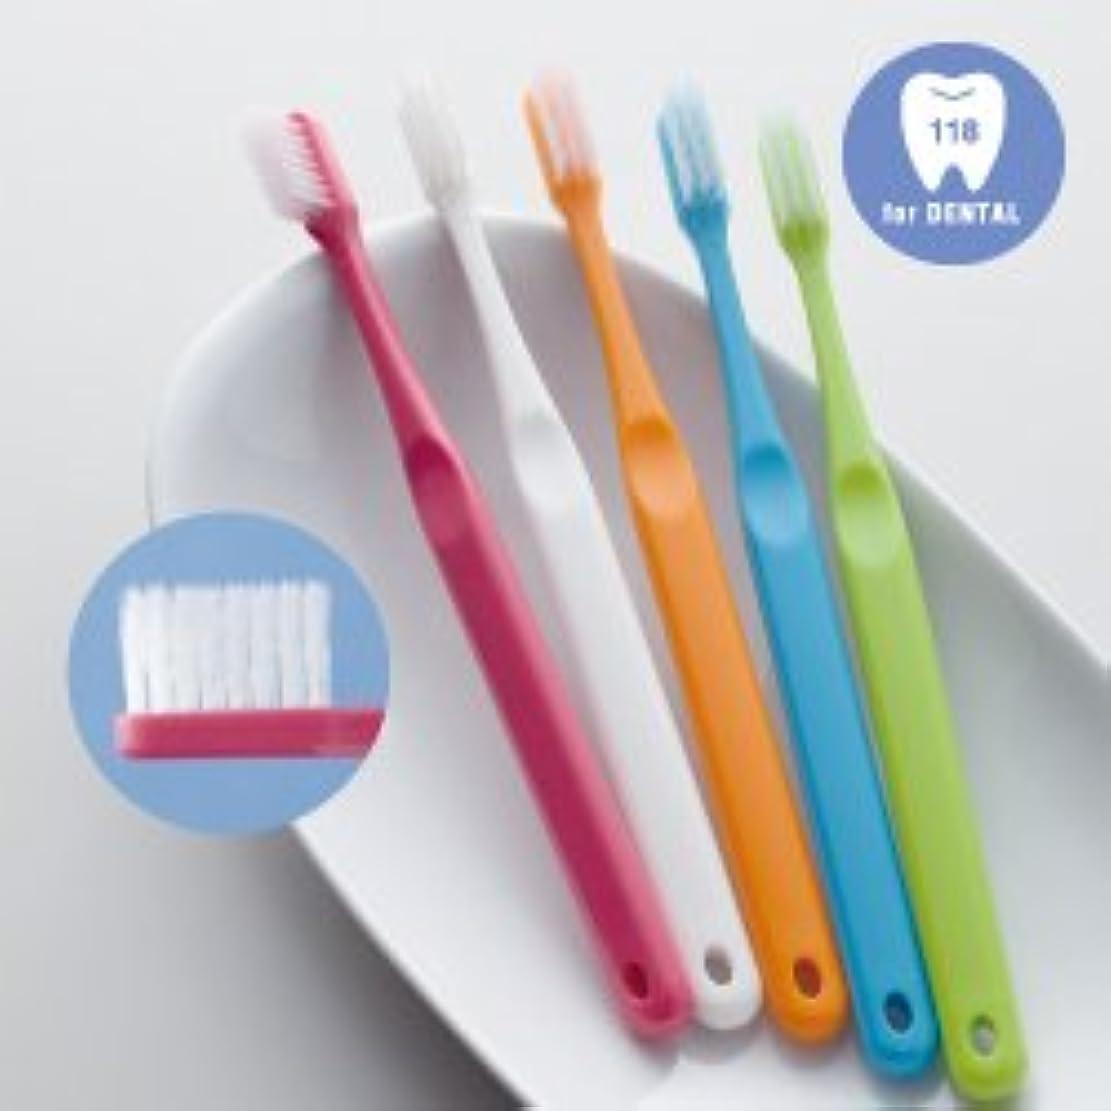 セットする方言見せます歯科専用歯ブラシ 118SERIES ZERO 超先細 ふつう 25本